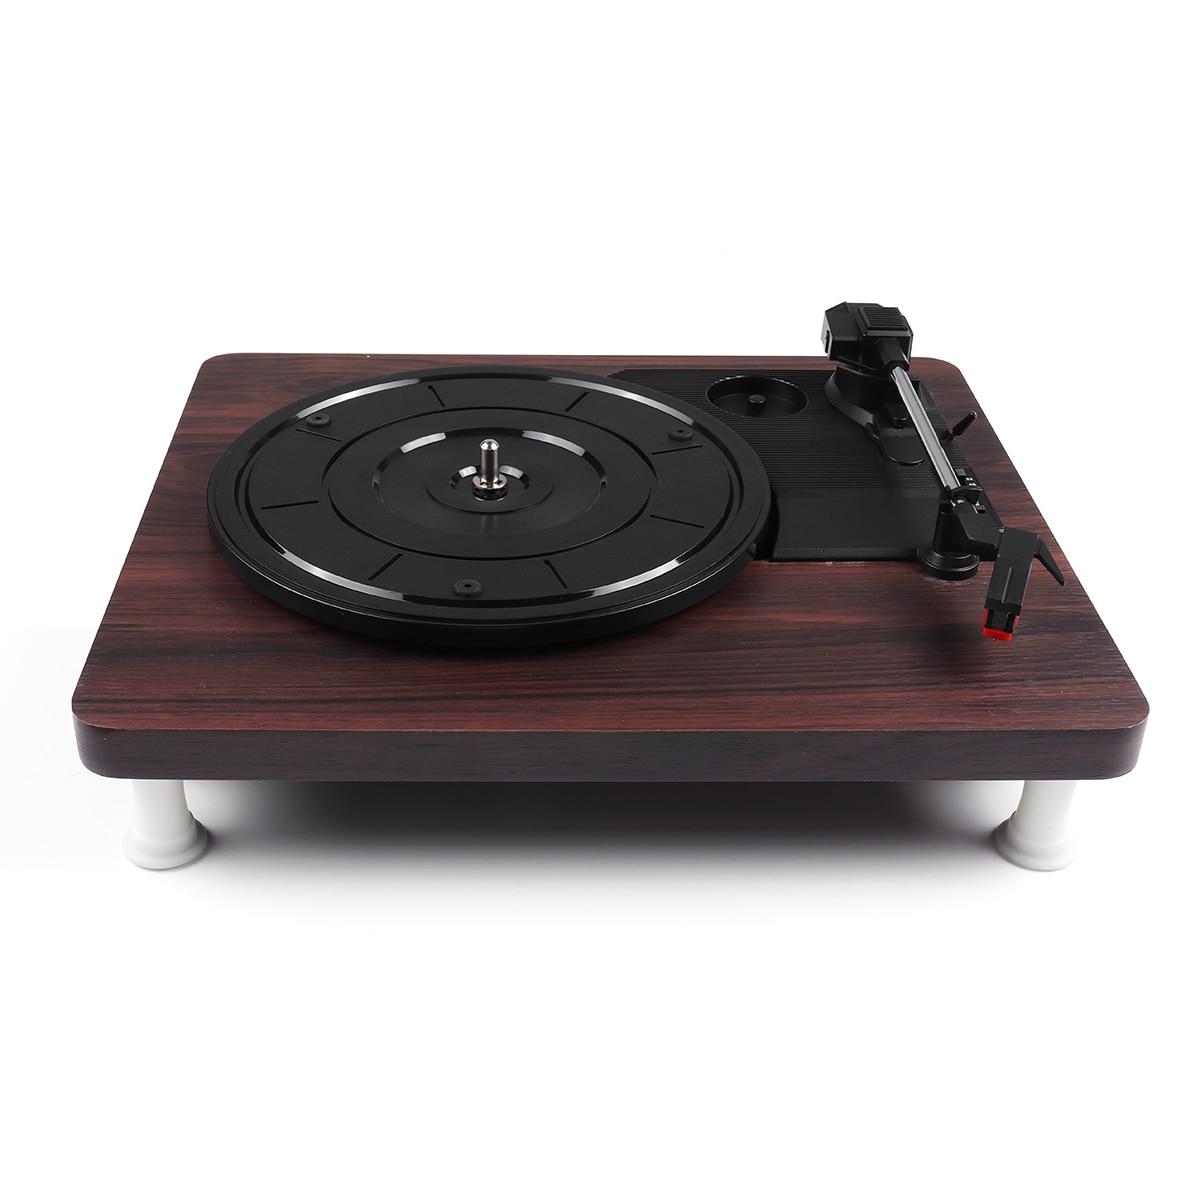 33, 45, 78 tr/min lecteur de disque Antique Gramophone tourne-disque vinyle Audio RCA R/L 3.5mm sortie USB DC 5V couleur bois - 4